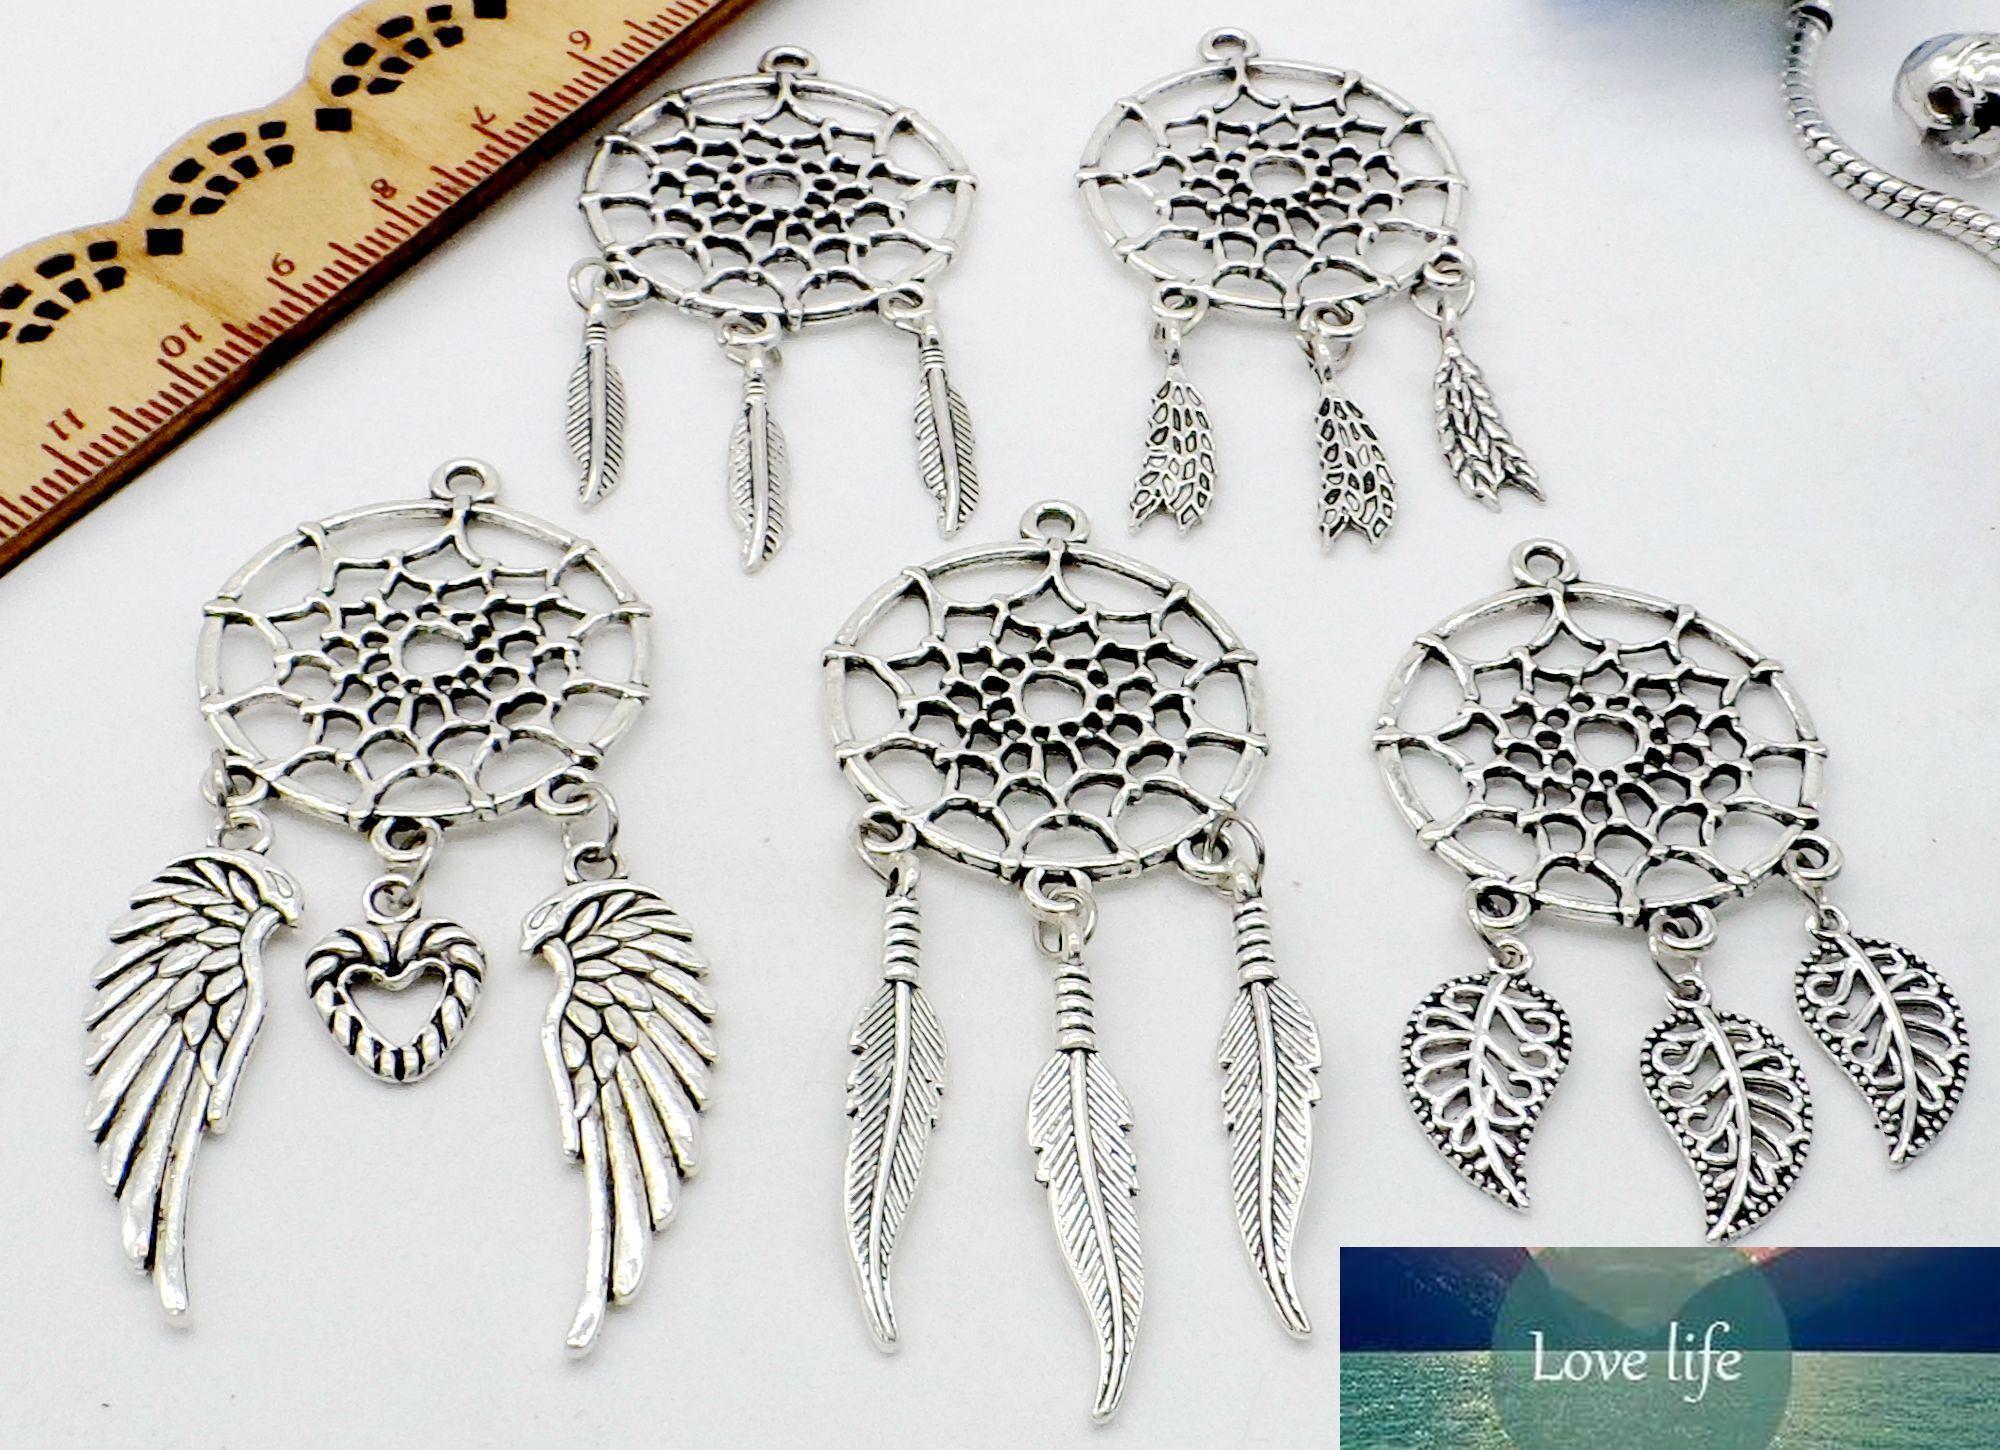 100pcs / lot Weinlese-Antike-Silber-Traumfänger-Charme baumeln Anhänger-passende europäische Halskette Schmucksachen, die DIY